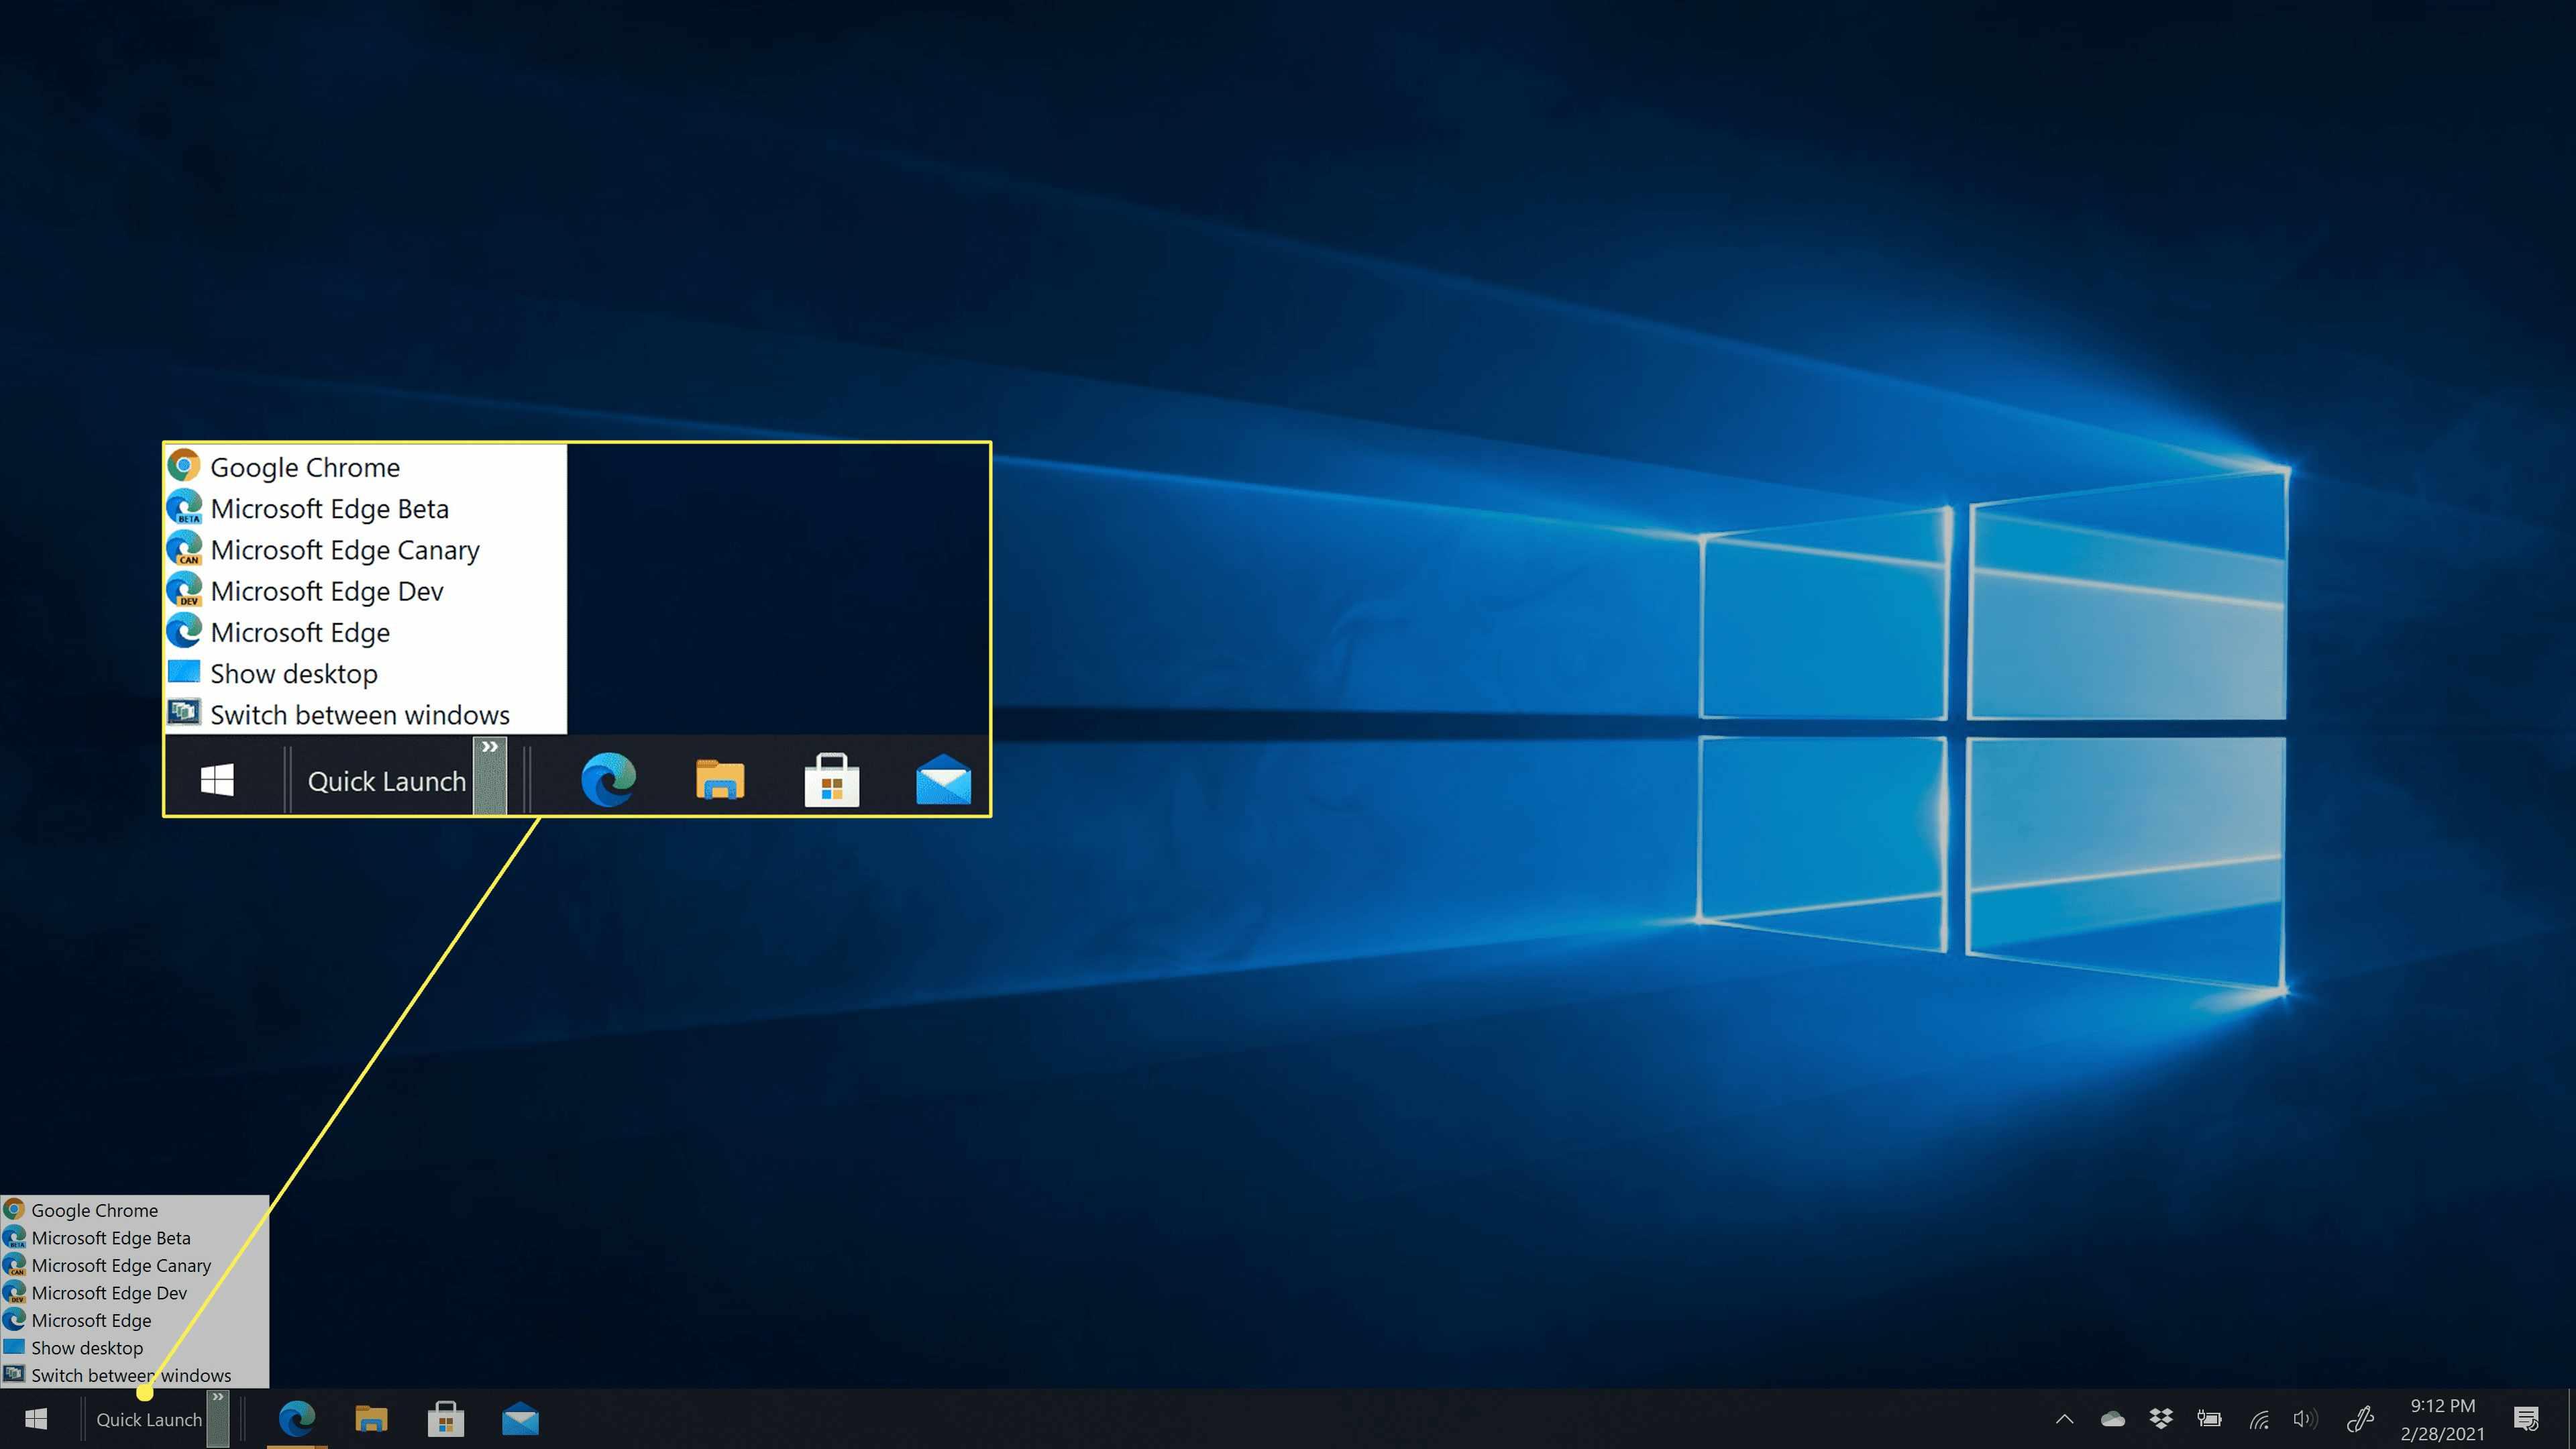 The Quick Launch menu restored in Windows 10.